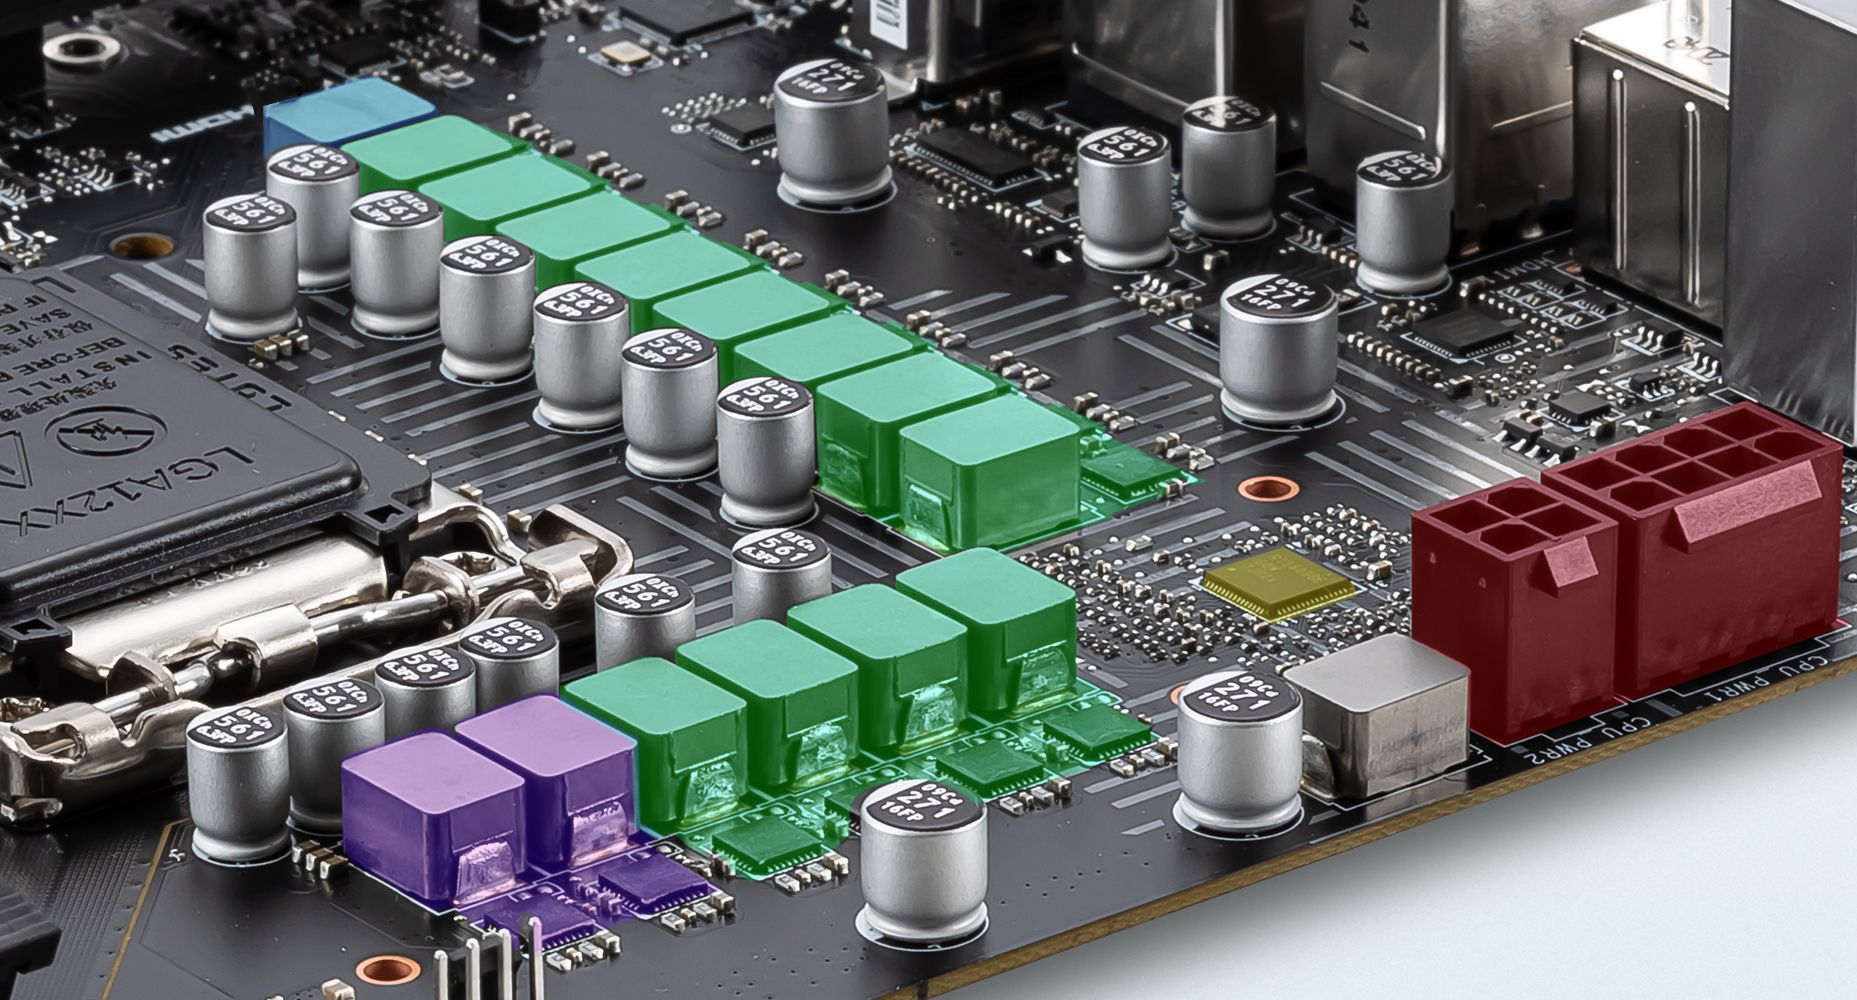 MSI Z590 PRO WIFI 12 + 2 + 1 DUET RAIL POWER SYSTEM